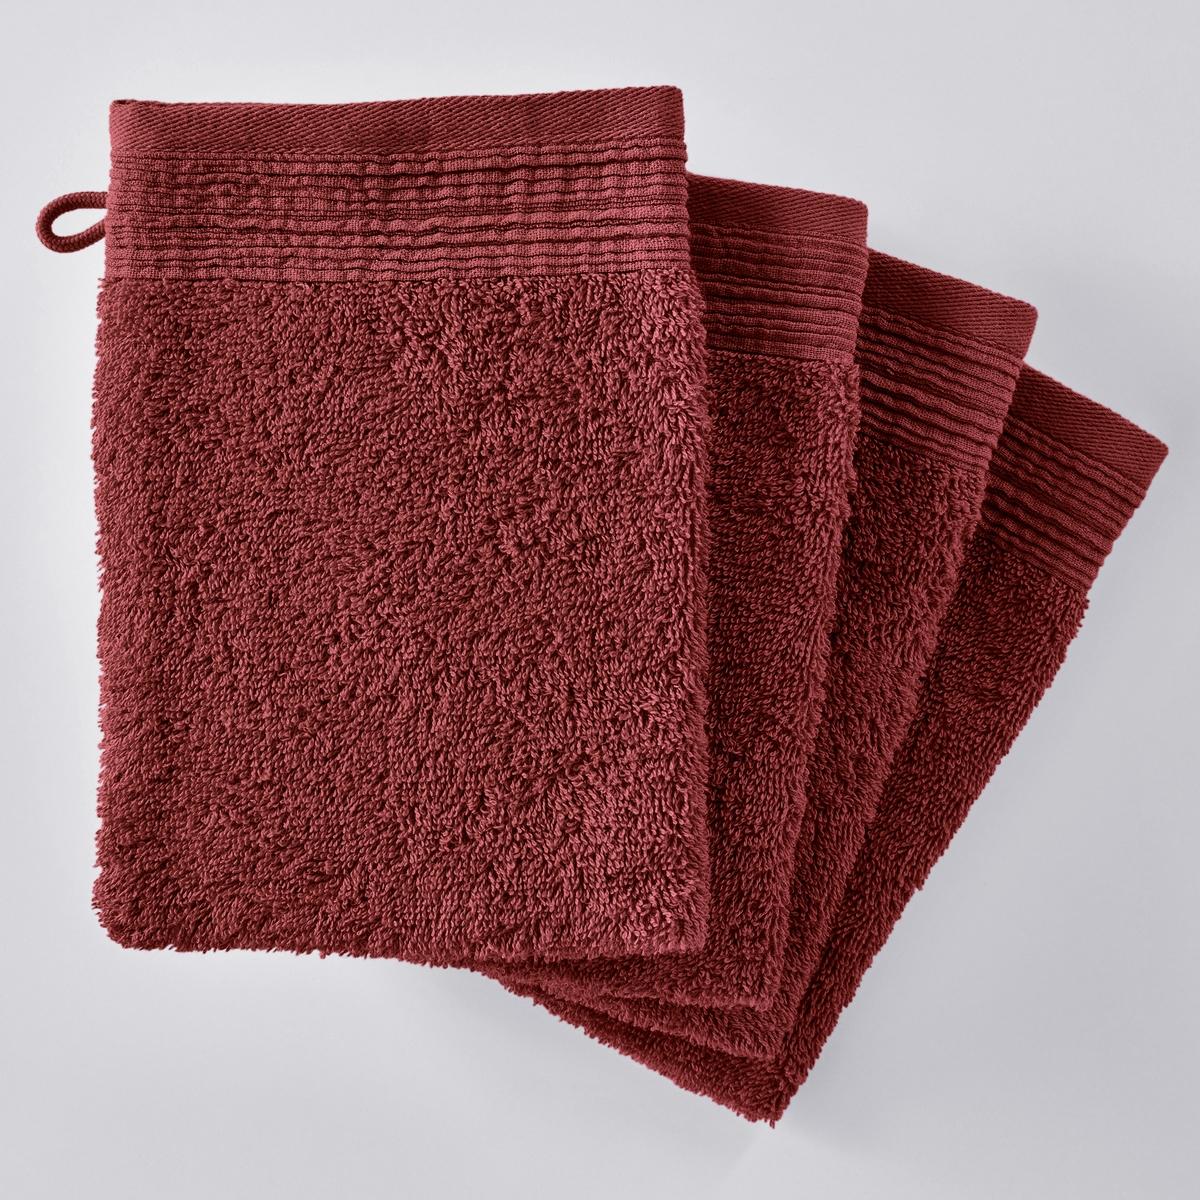 Комплект из 4 однотонных махровых банных рукавичек из биохлопкаОписание:Комплект из 4 однотонных махровых банных рукавичек из биохлопка : очень мягкое и приятное наощупь. Биохлопок сохраняет окружающую среду и здоровье людей, возделывающих его.   Характеристики банных рукавичек однотонных из био-хлопка :- Махровая ткань, 100% биохлопок (500 г/м?) отличного качества.- Отделка плиссированной кромкой.- Машинная стирка при 60 °С.- Машинная сушка.- Замечательная износоустойчивость, сохраняет мягкость и яркость окраски после многочисленных стирок.- Размеры одной рукавички : - 15 x 21 см.- В комплекте 4 рукавички.Знак Oeko-Tex® гарантирует, что товары прошли проверку и были изготовлены без применения вредных для здоровья человека веществ.<br><br>Цвет: белый,индиго,серо-бежевый,серо-синий,серый,терракота<br>Размер: 15 x 21  см.15 x 21  см.15 x 21  см